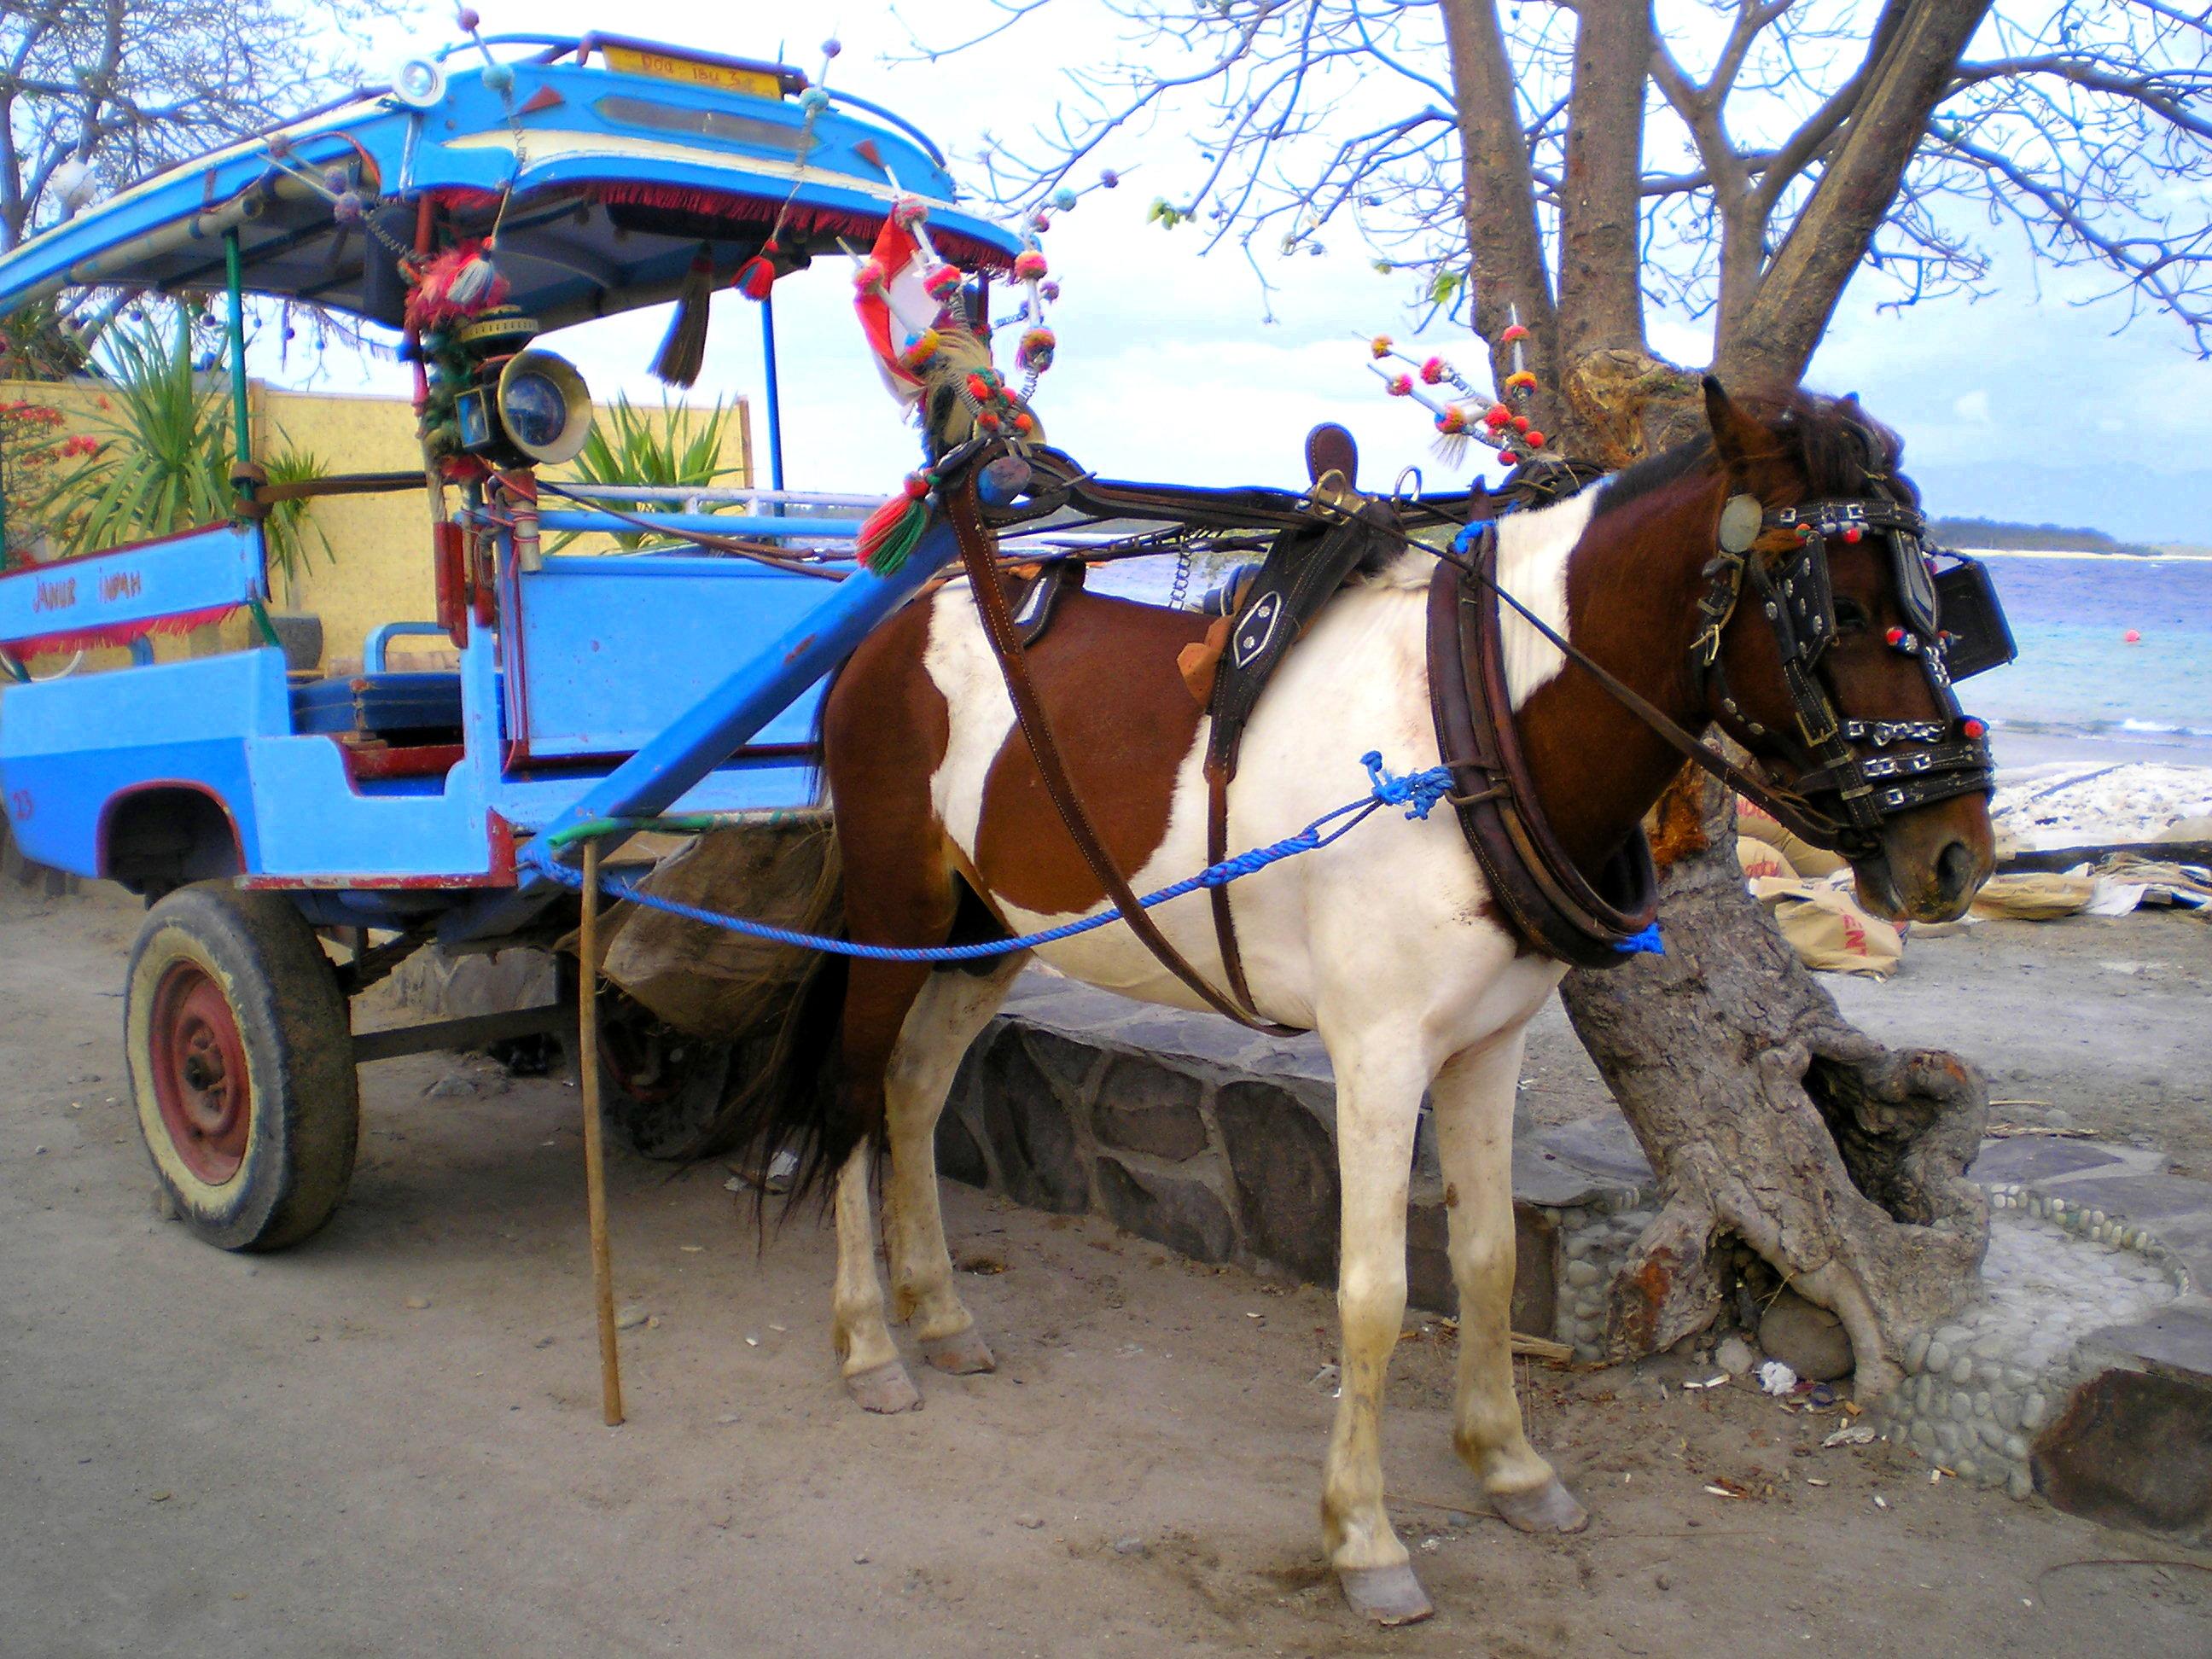 Le cidomo, cheval à charette pour transport doux sur l'île de Trawangan